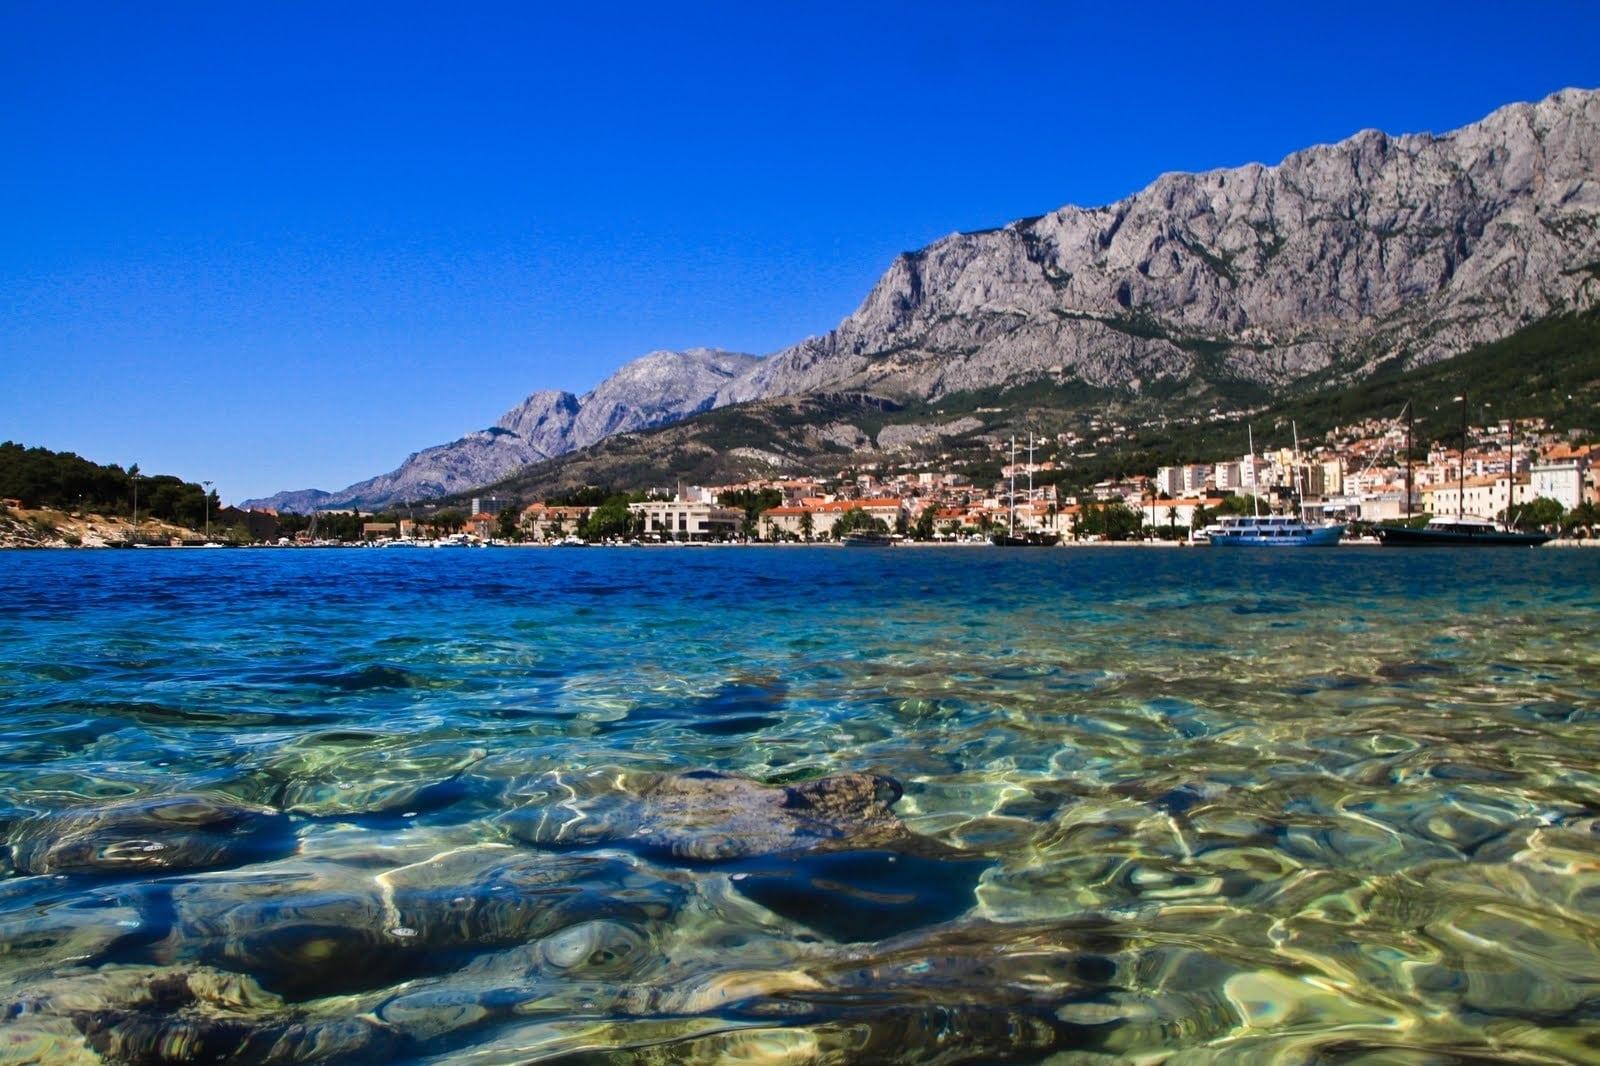 Plaja din Makarska, Croația - o oază de liniște și frumusețe naturală